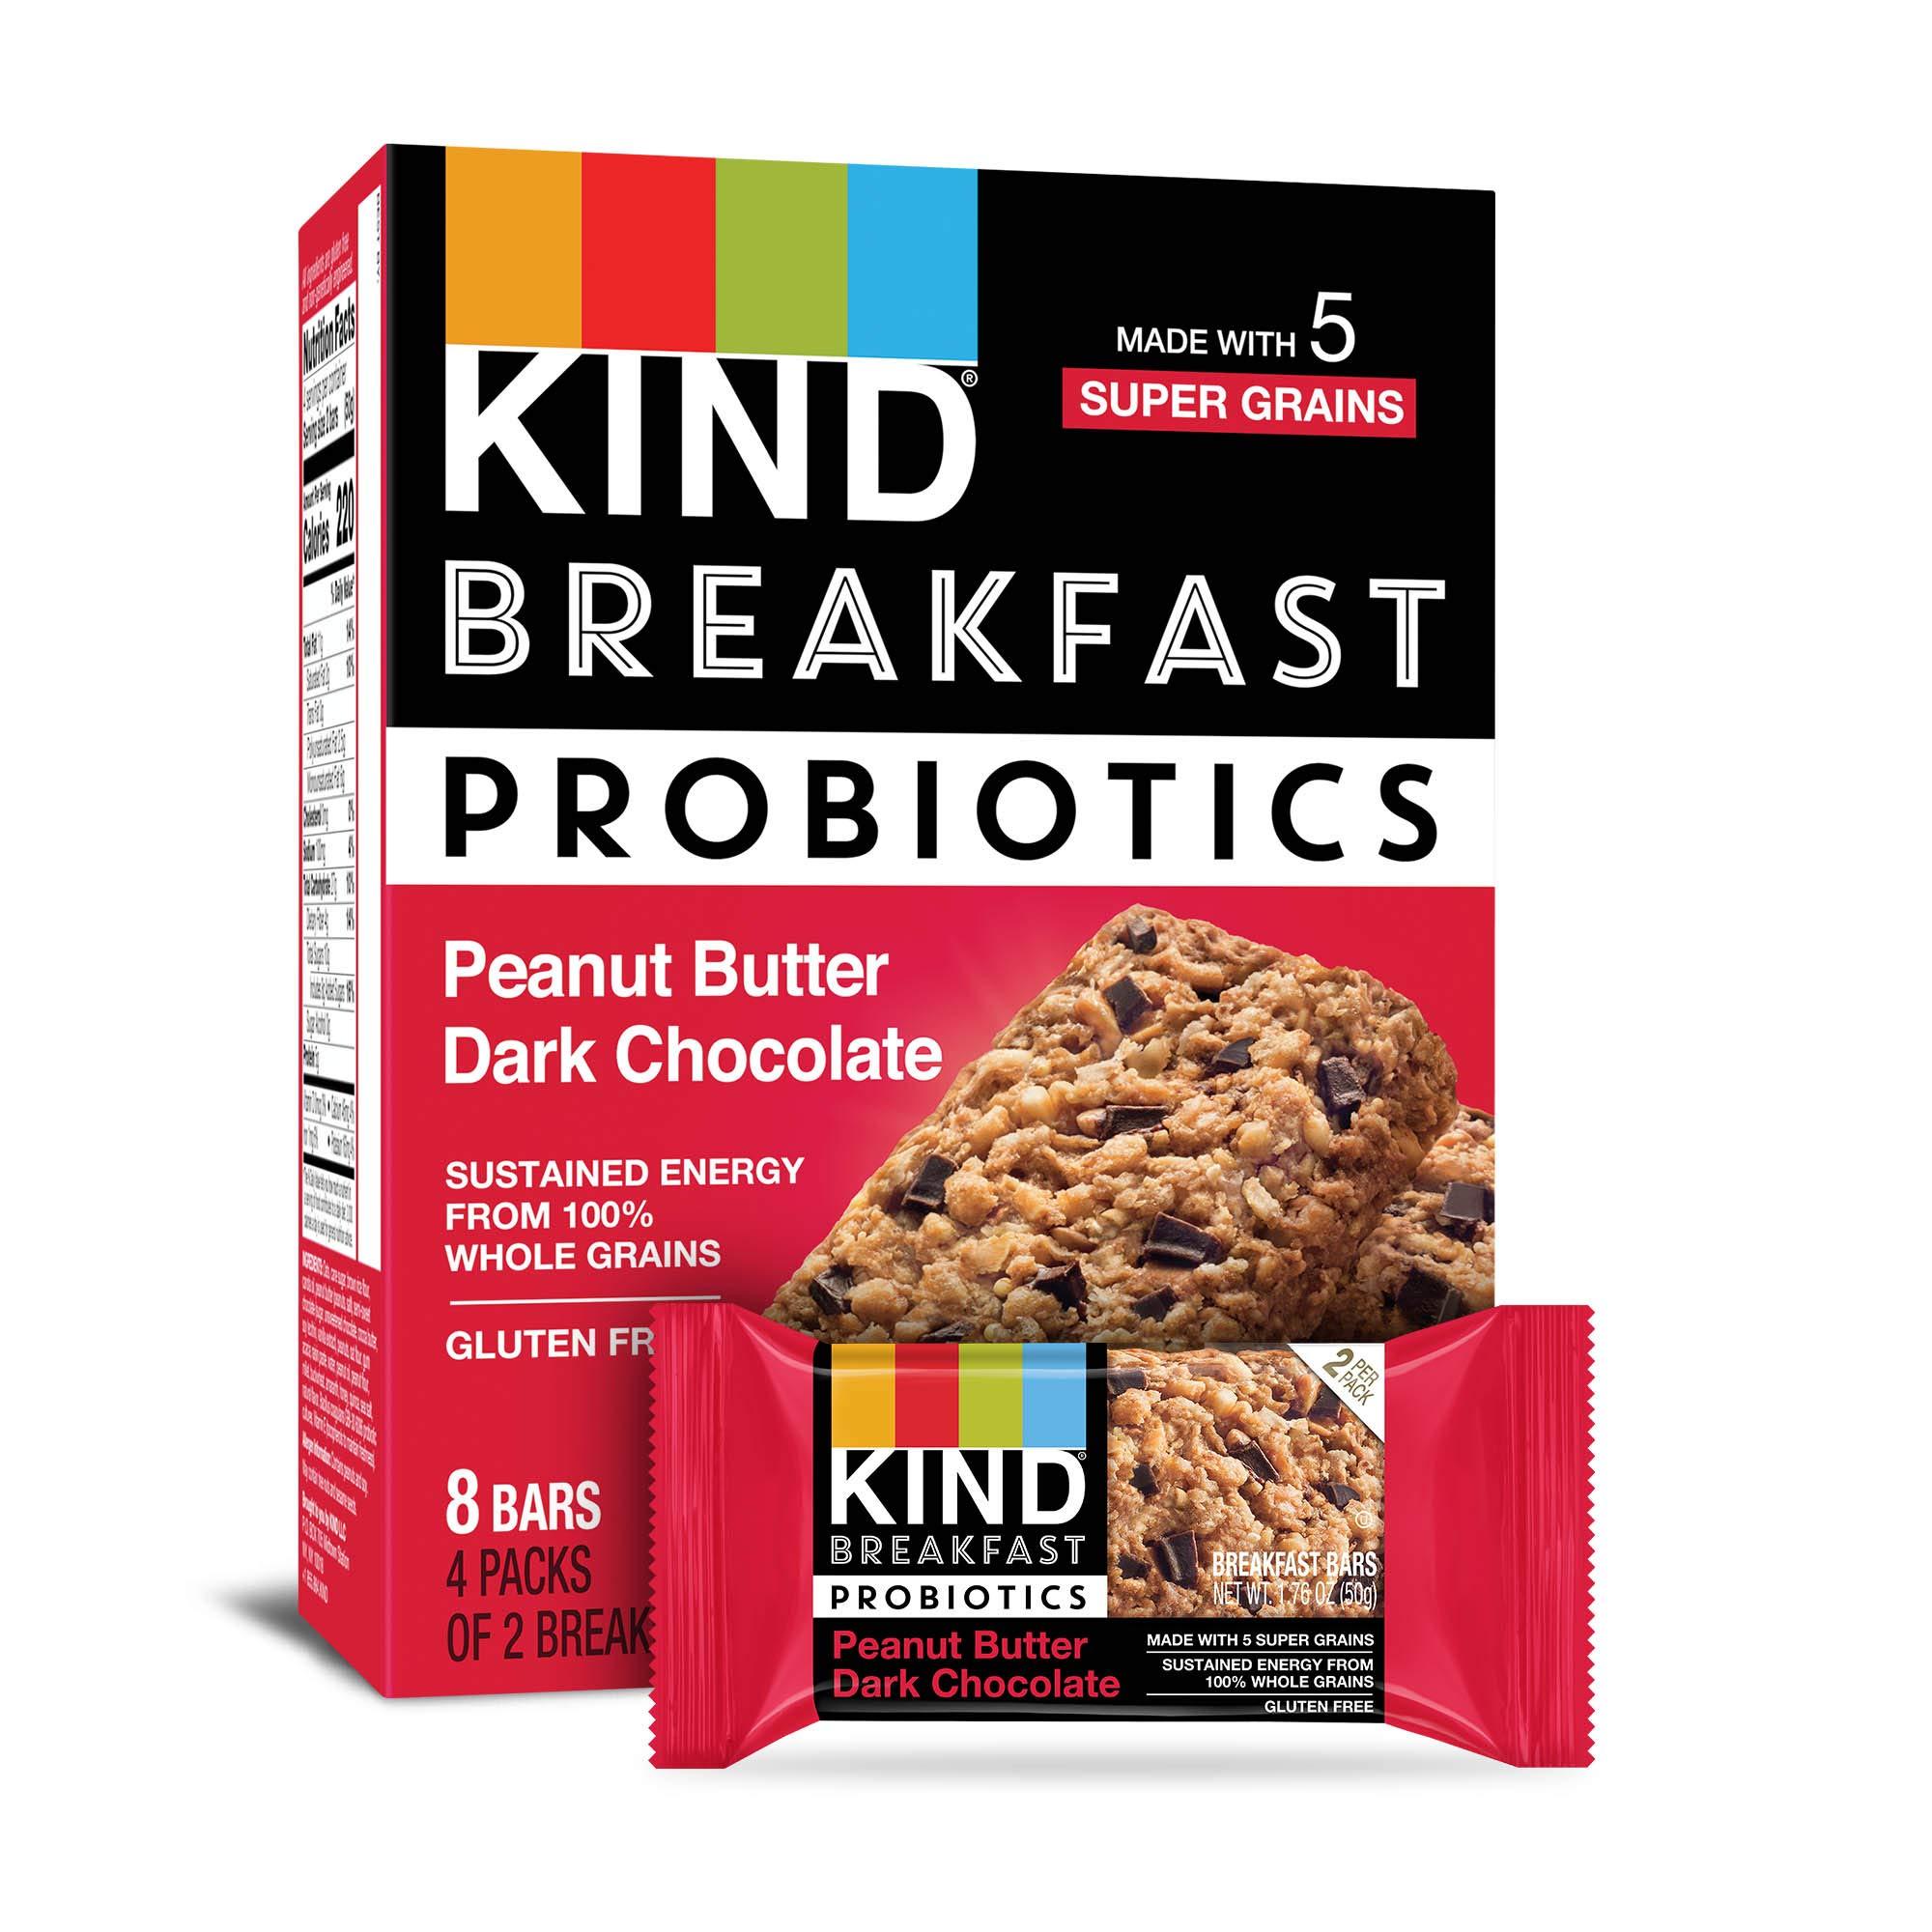 KIND Breakfast Probiotic Peanut Chocolate